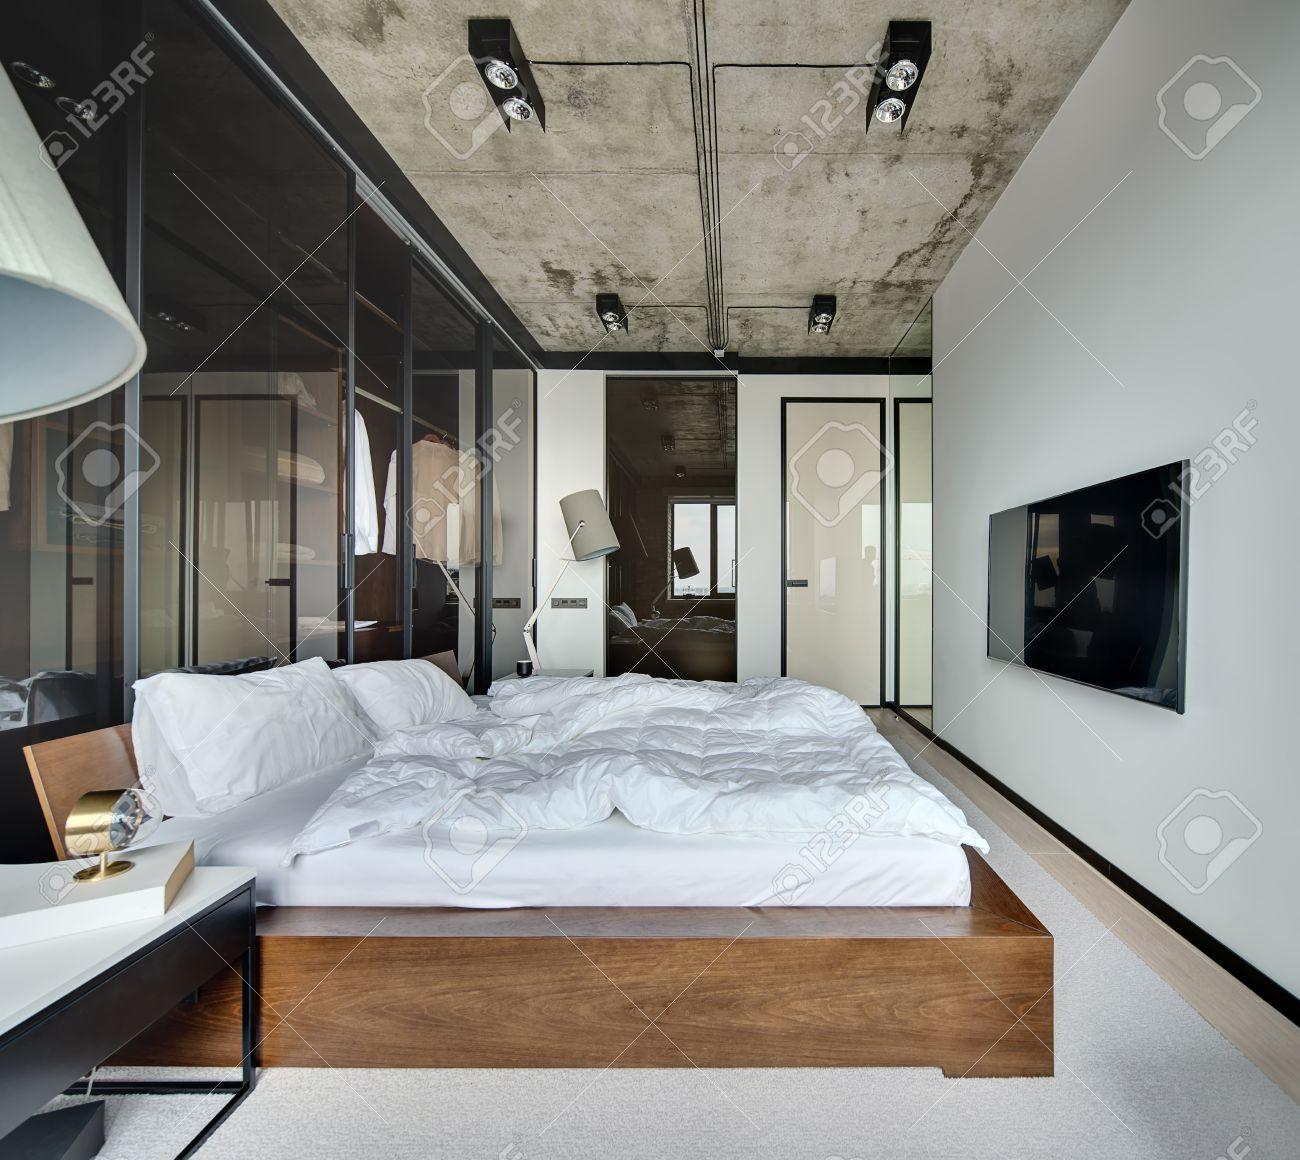 Ante Scorrevoli A Soffitto.Immagini Stock Sala In Stile Loft Con Pareti Bianche E Soffitto